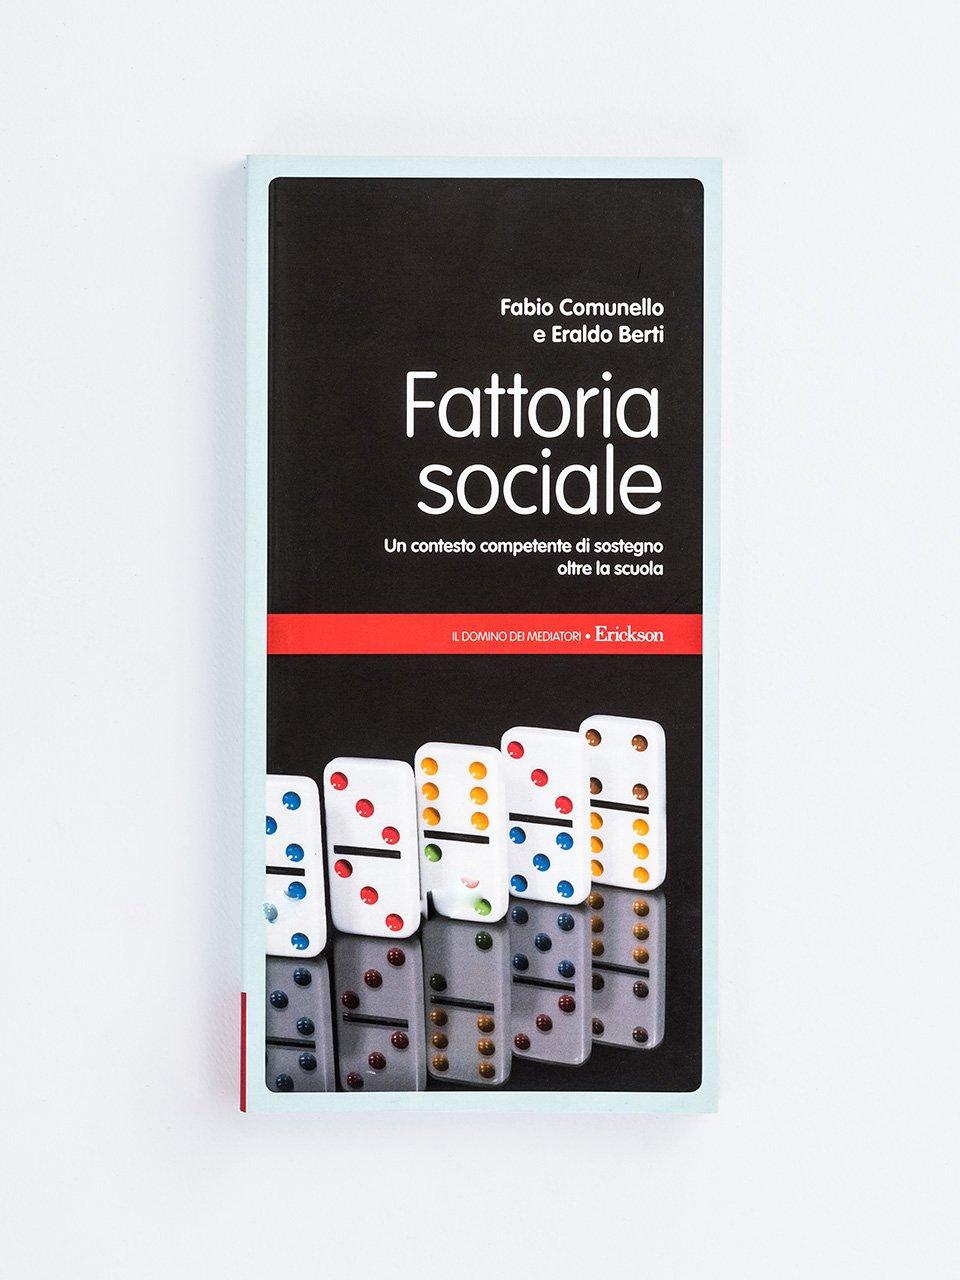 Fattoria sociale - Informarsi, capire e votare: l'importante è partec - Libri - Erickson